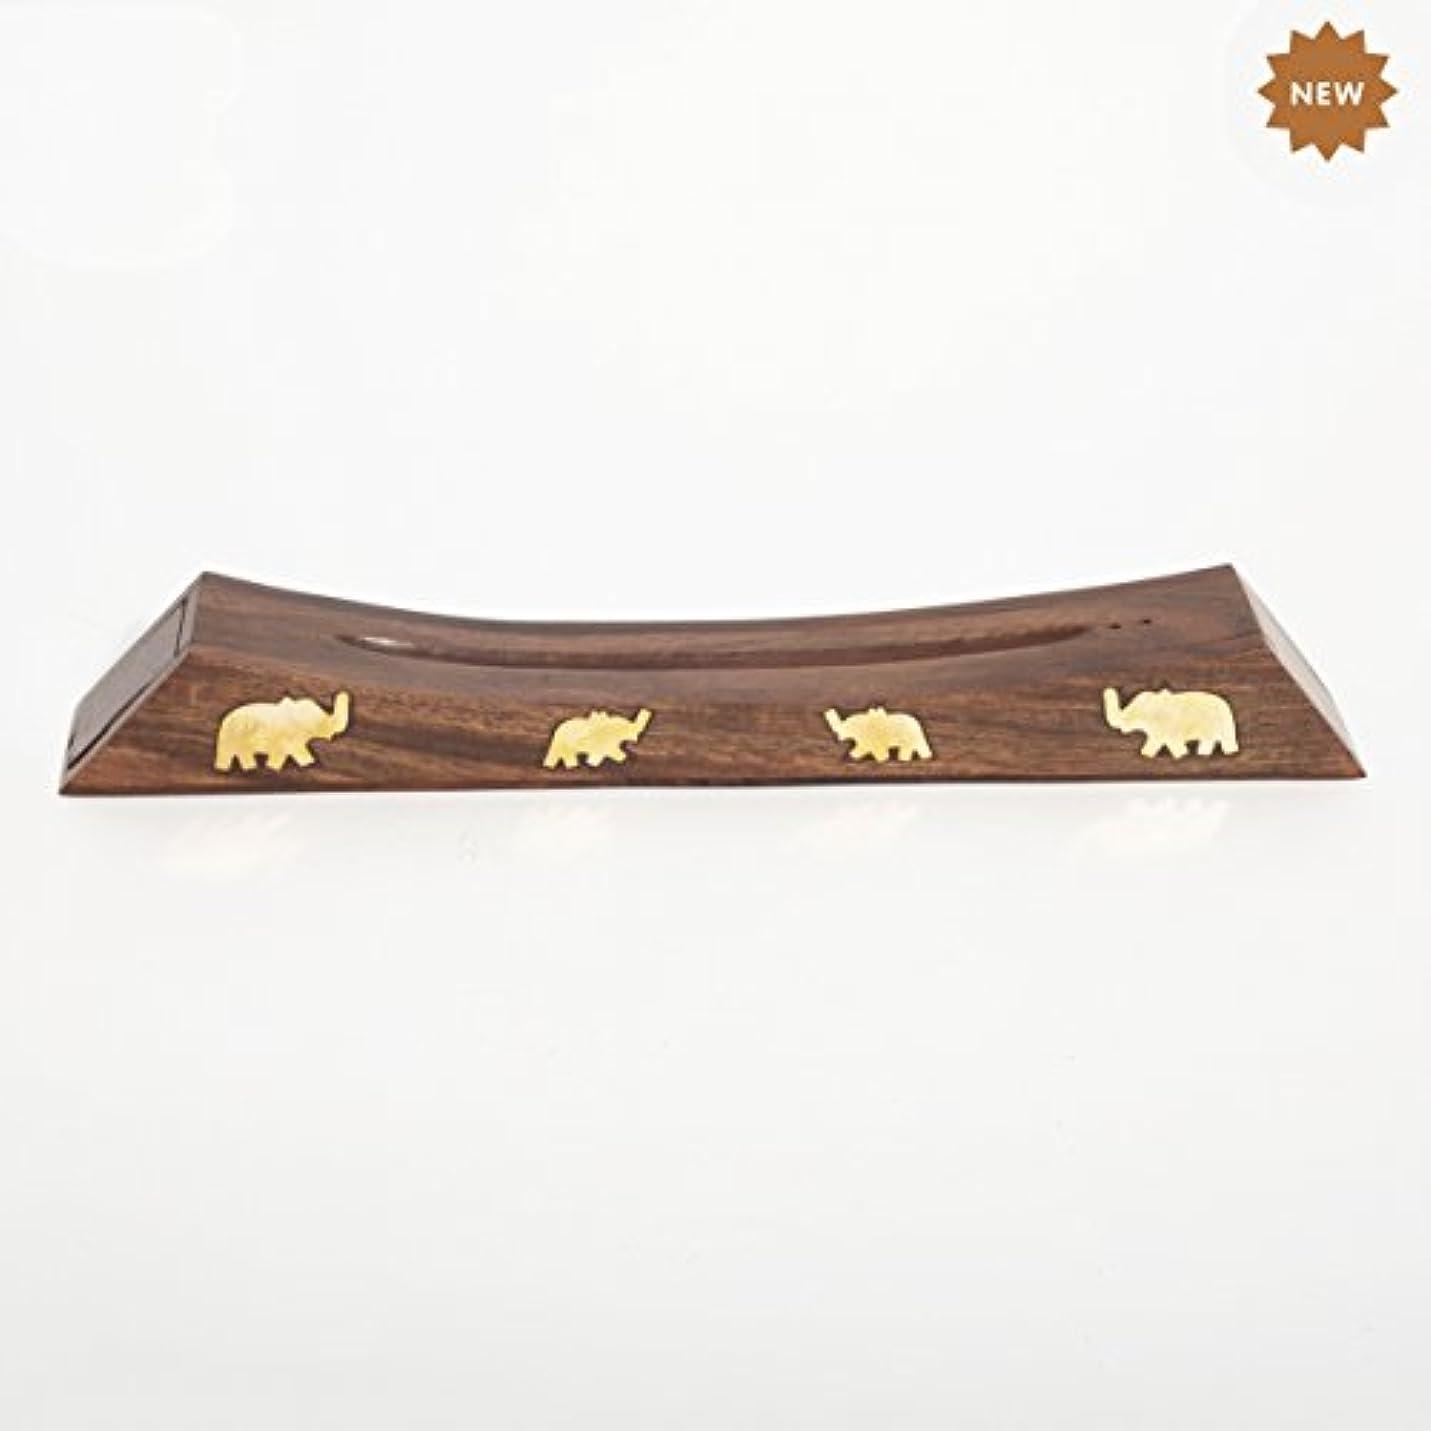 デコレーション敵意治療Rusticity 木製お香スタンド お香スティック 収納スロット付き 象の真鍮インレー ハンドメイド 12.4x1.6インチ